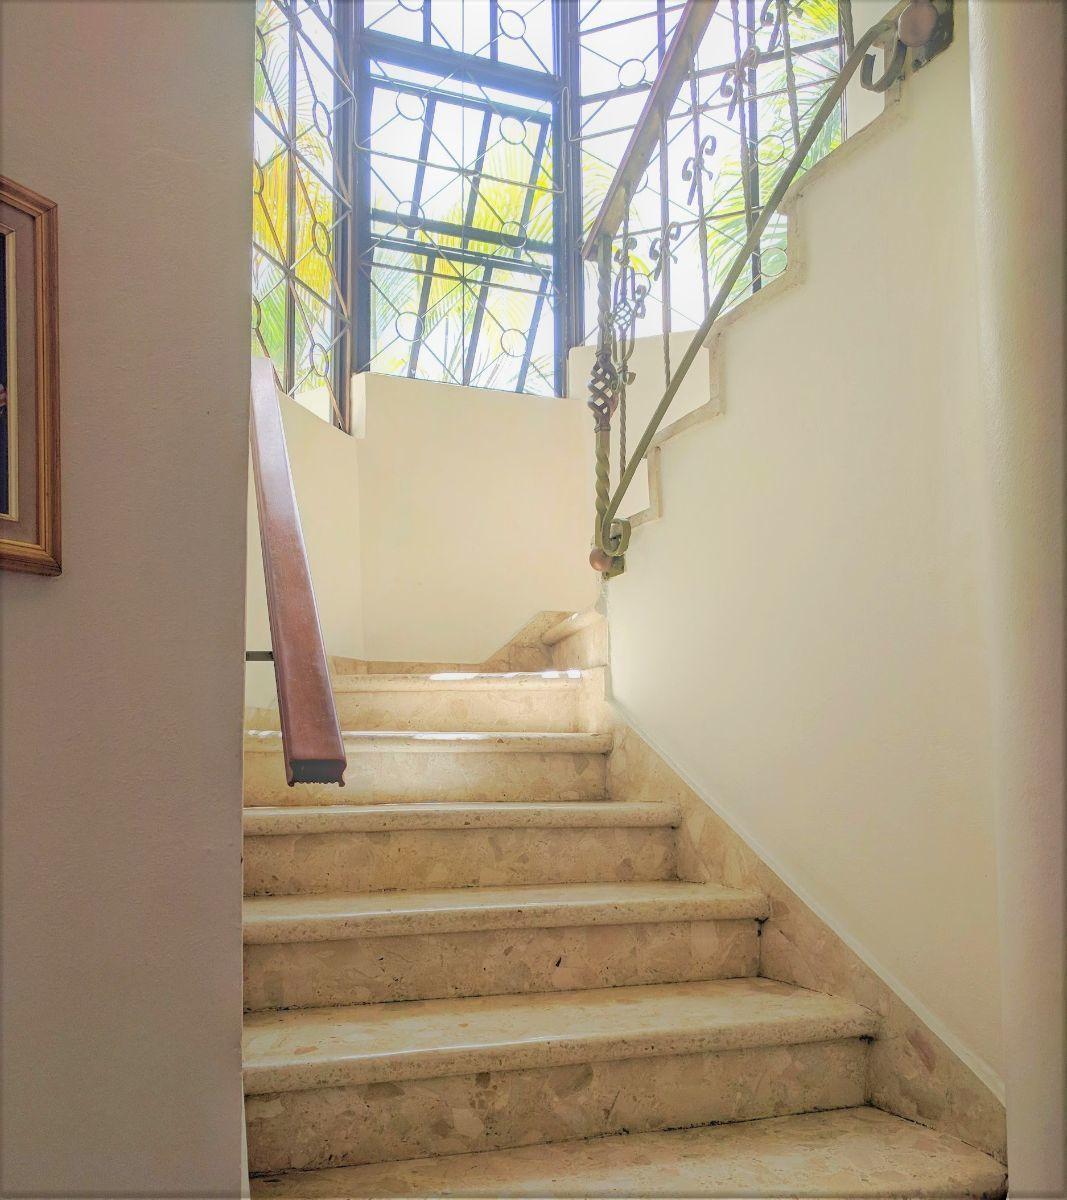 6 de 16: Escaleras al segundo nivel de habitaciones